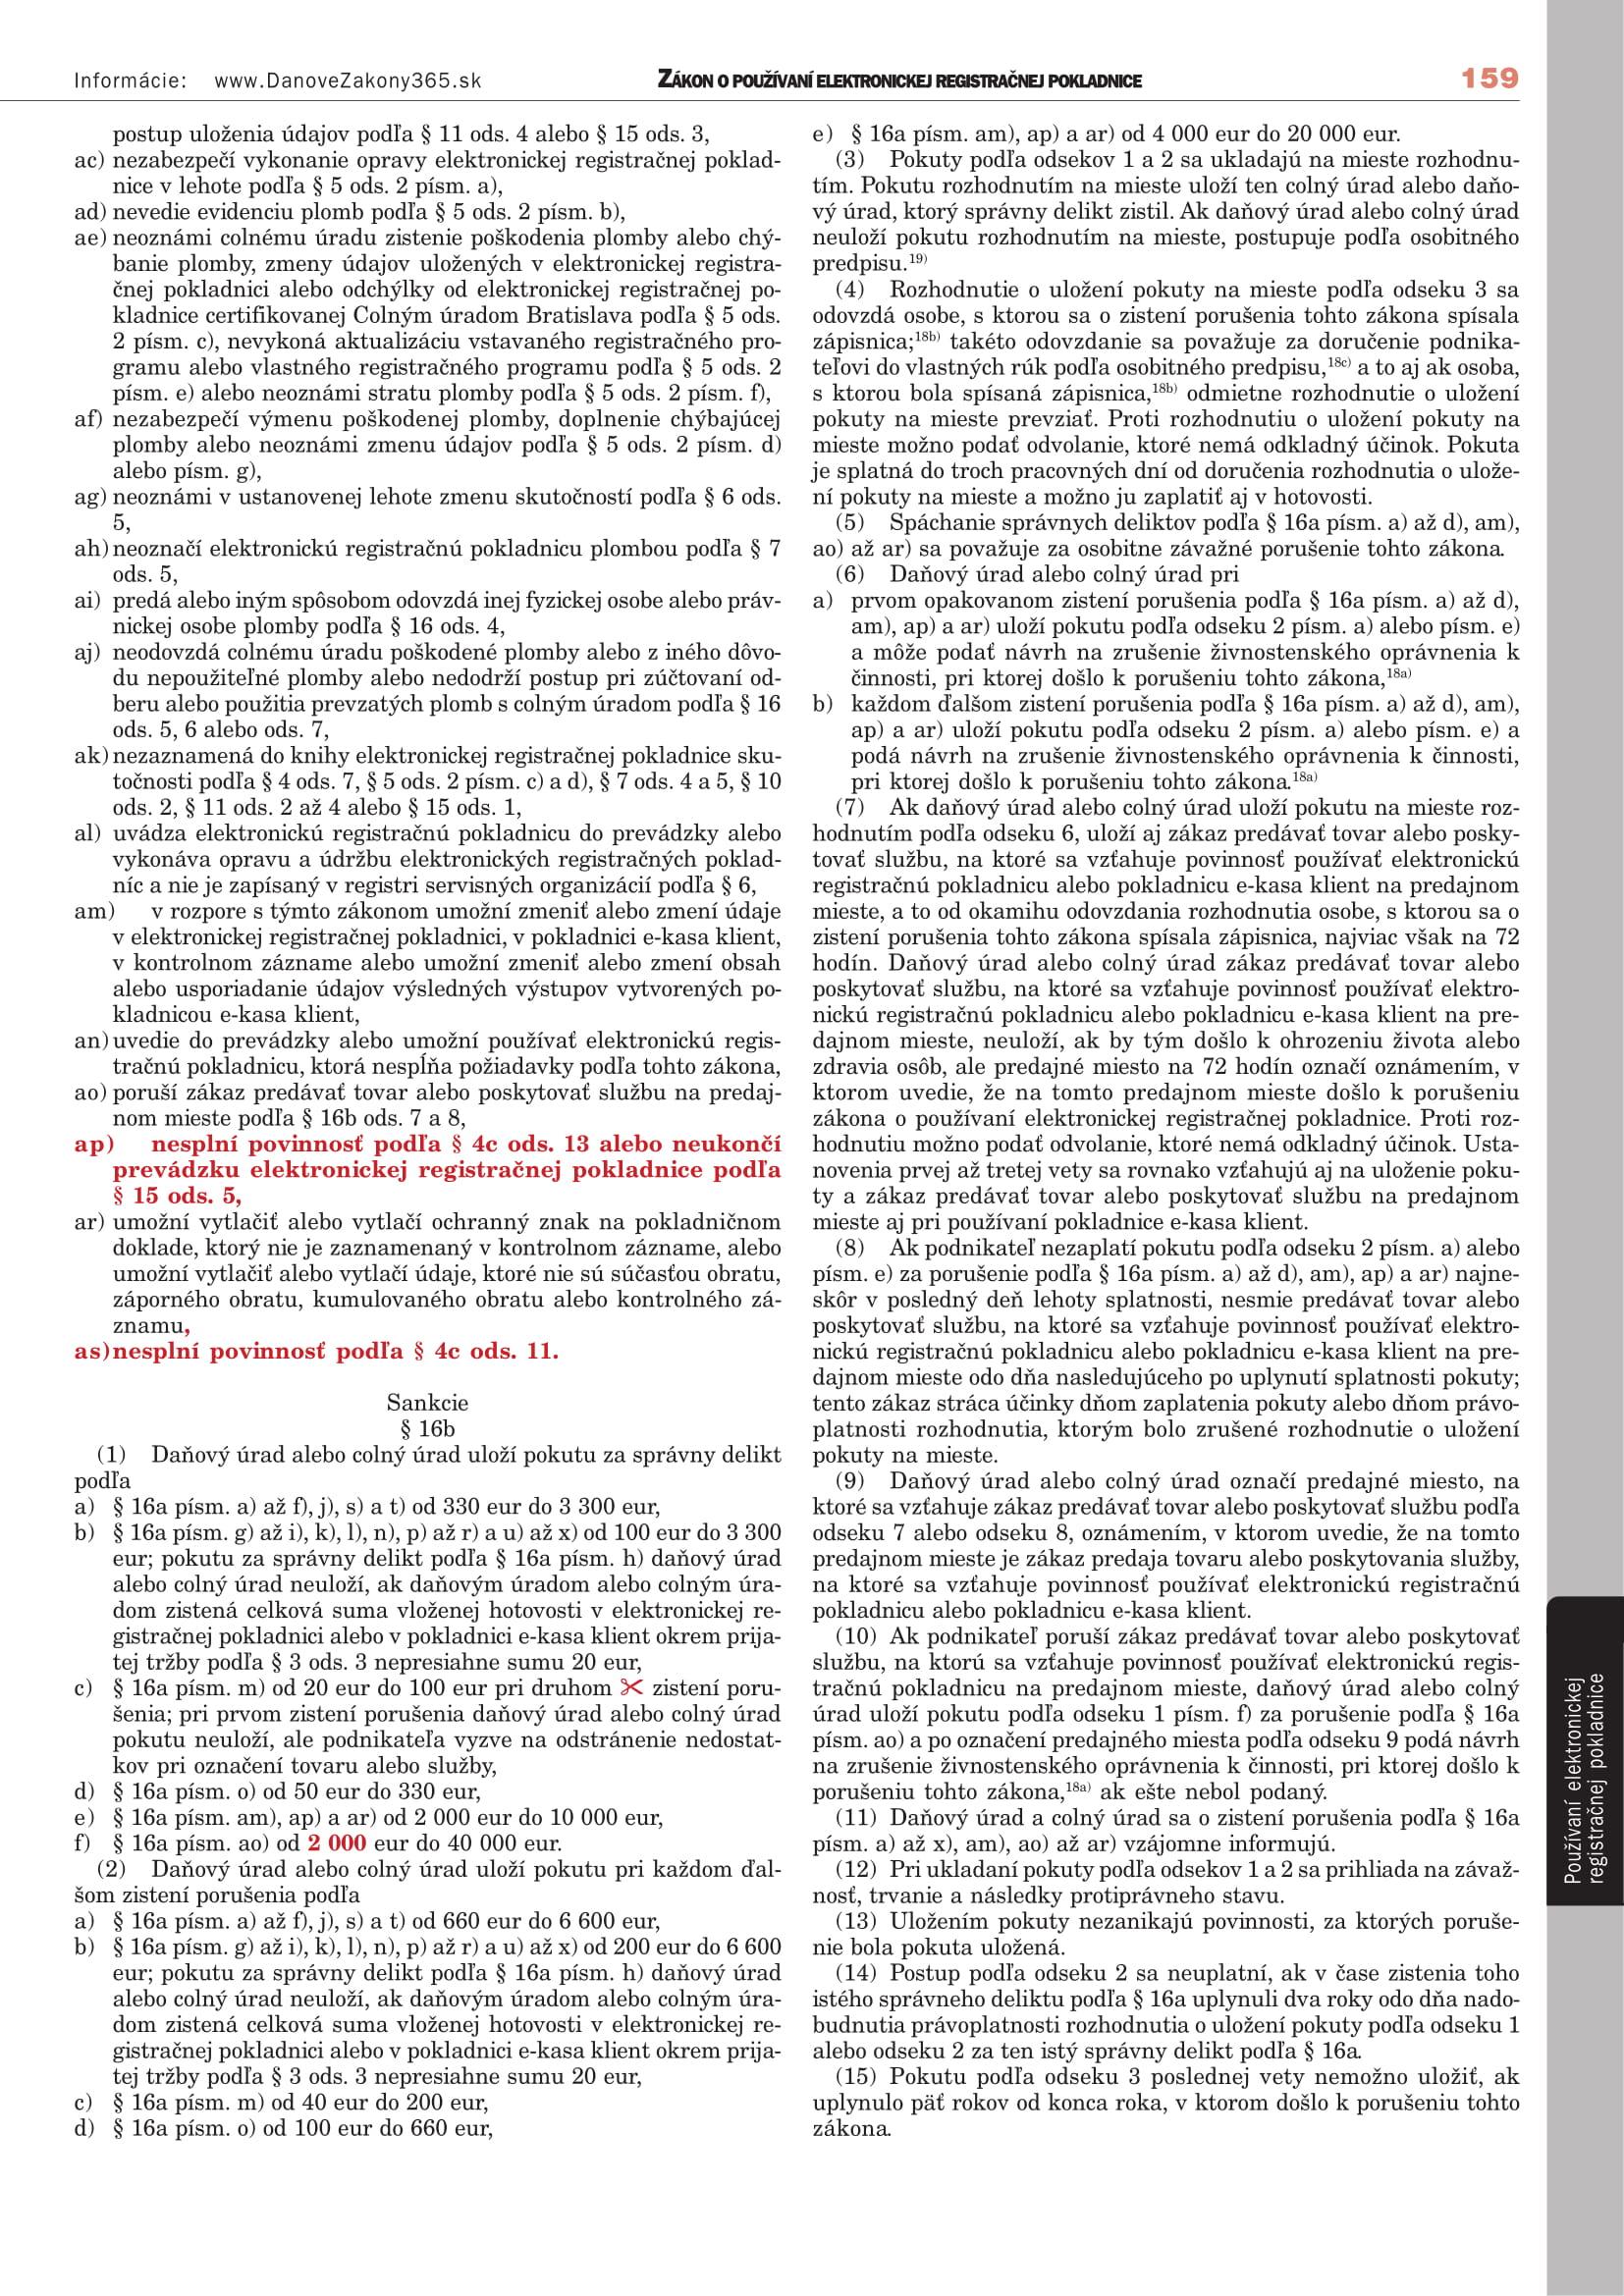 alto_zakon_o_registracnych_pokladniach_2019_po_jednej_stranane-14